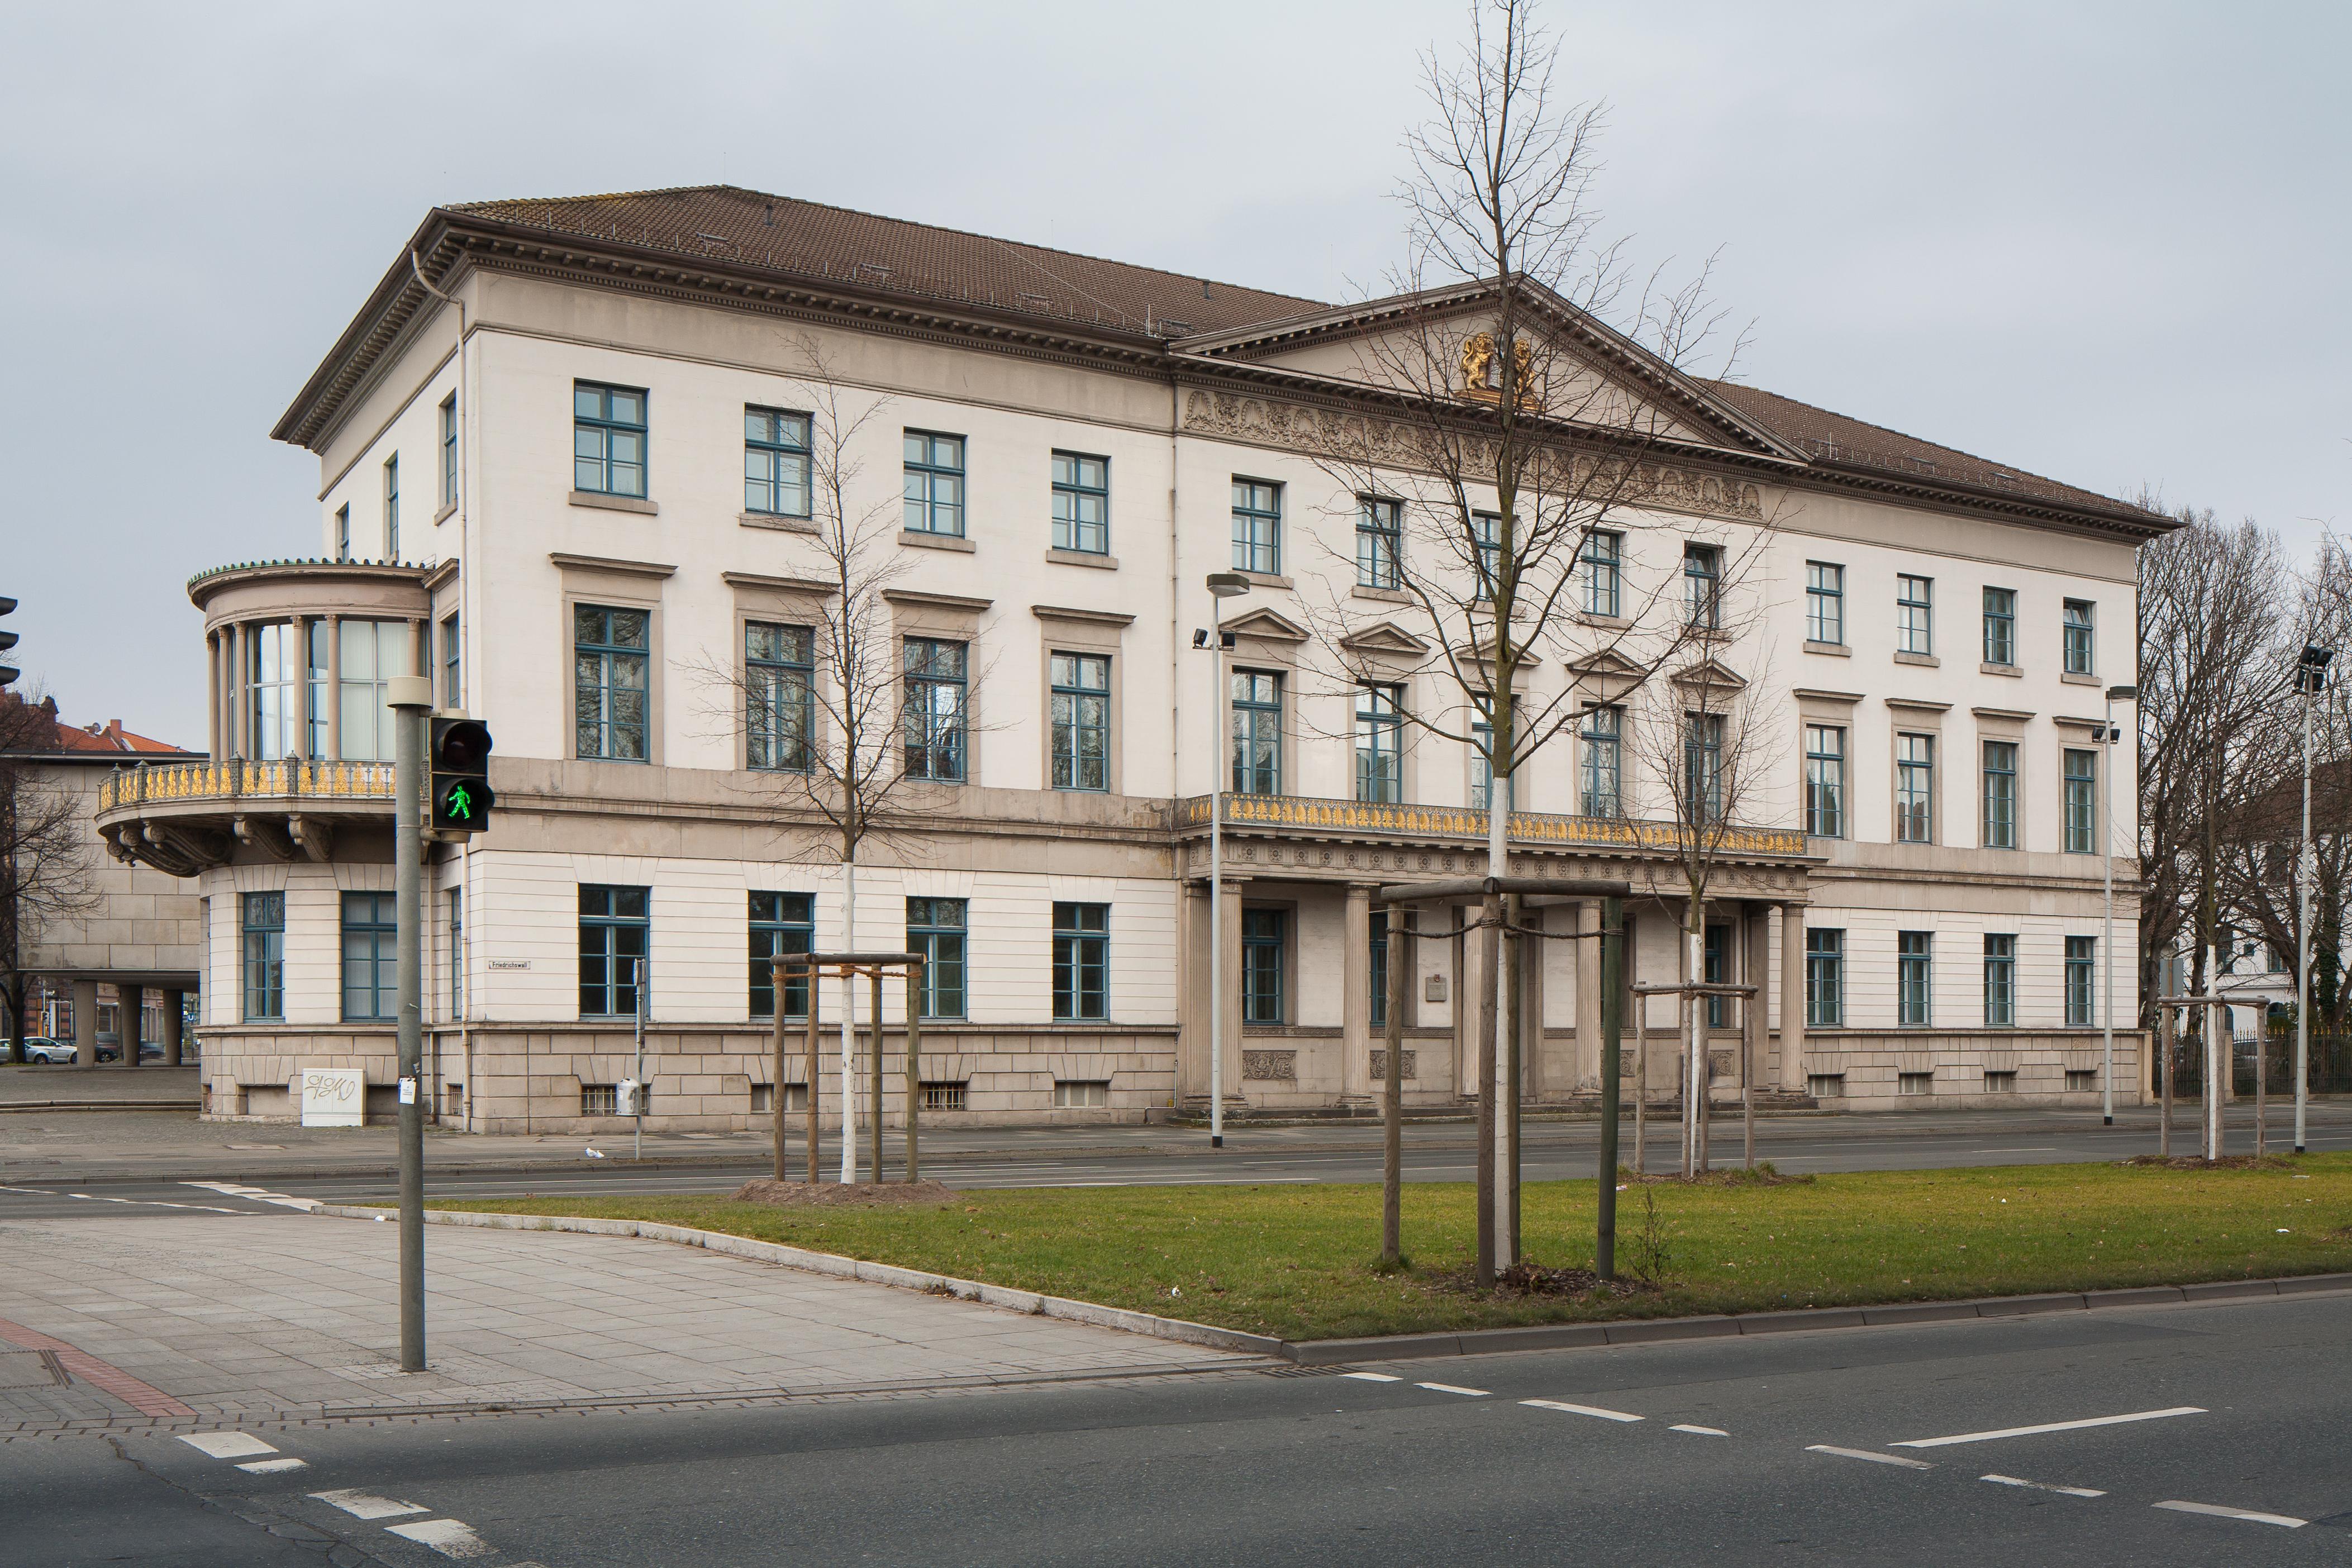 Billedresultat for Wangenheimpalais